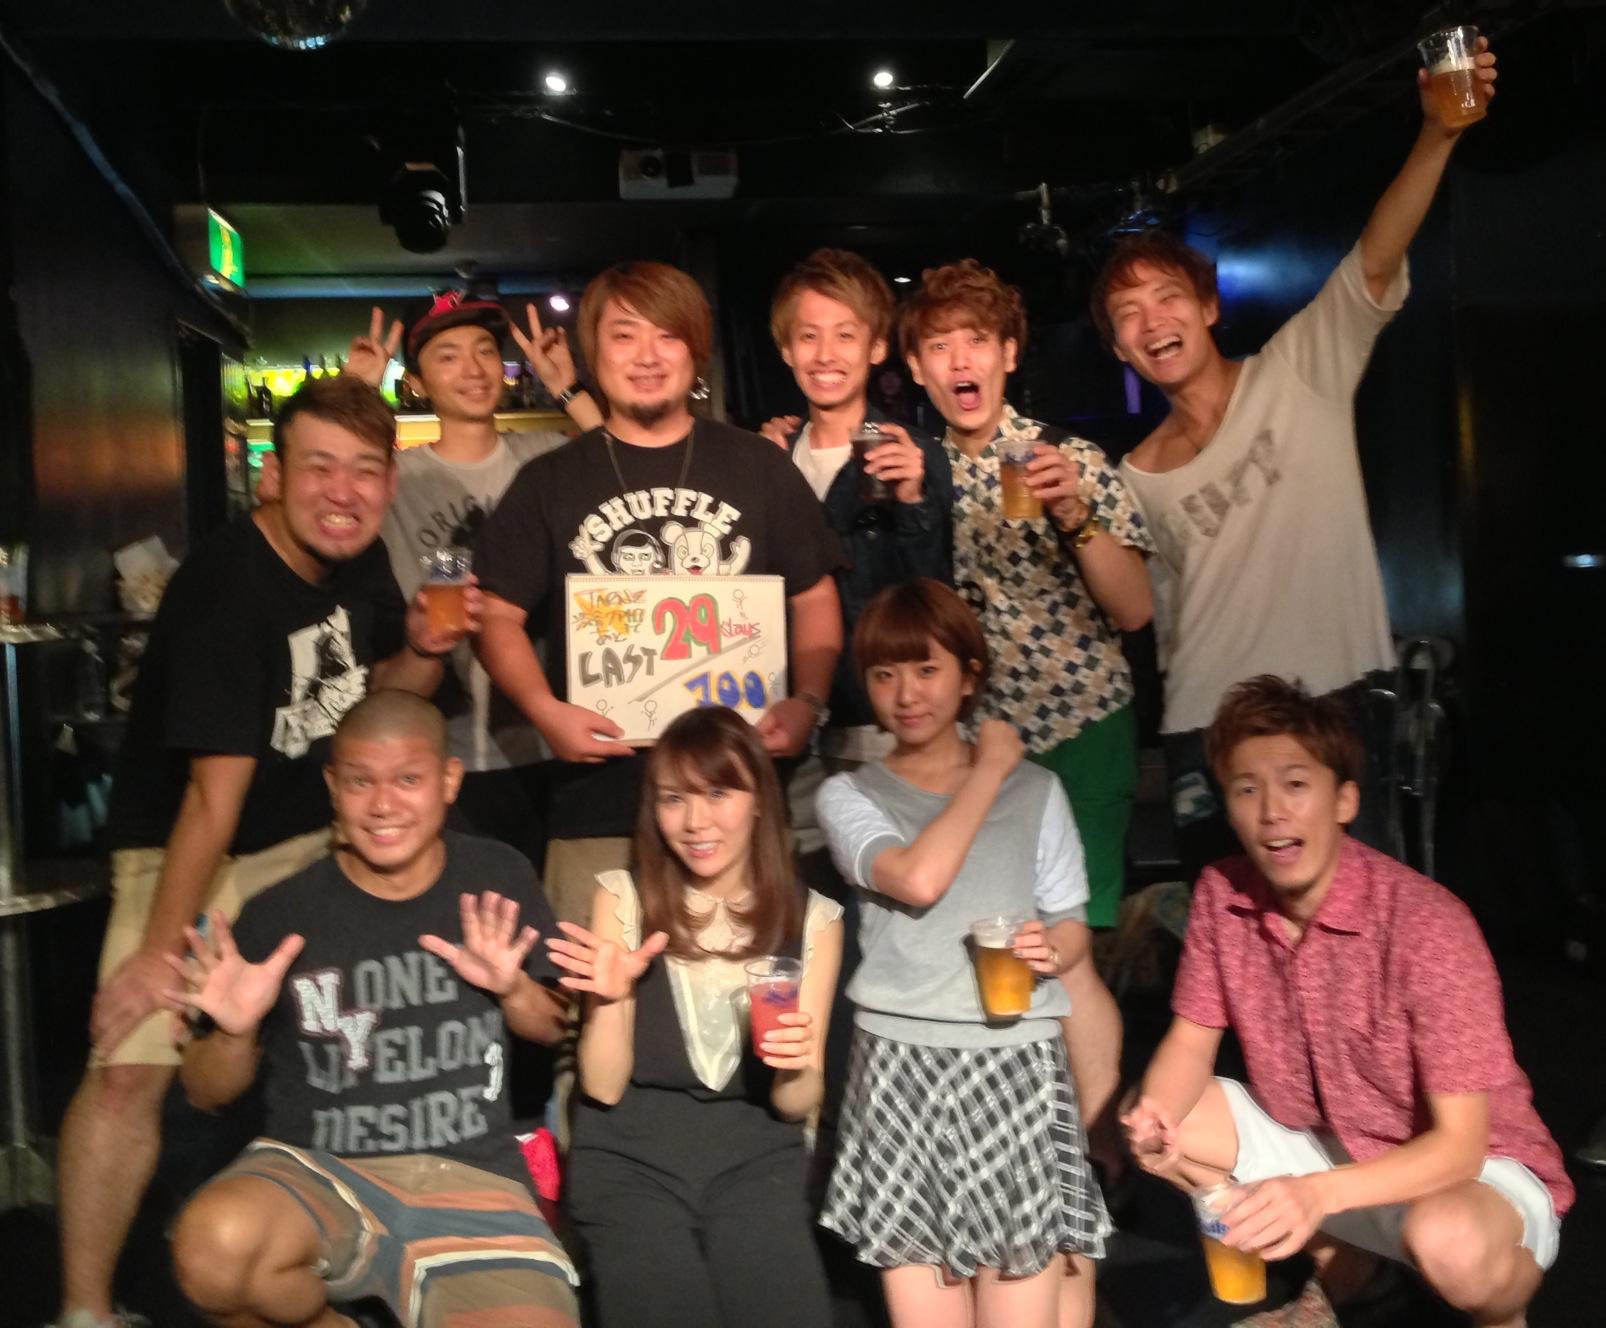 LOVEフェス@東京スカイツリー、 nakashima presents 北海道 & 沖縄 そして東京の奇跡ありがとう!_e0261371_00292395.jpg